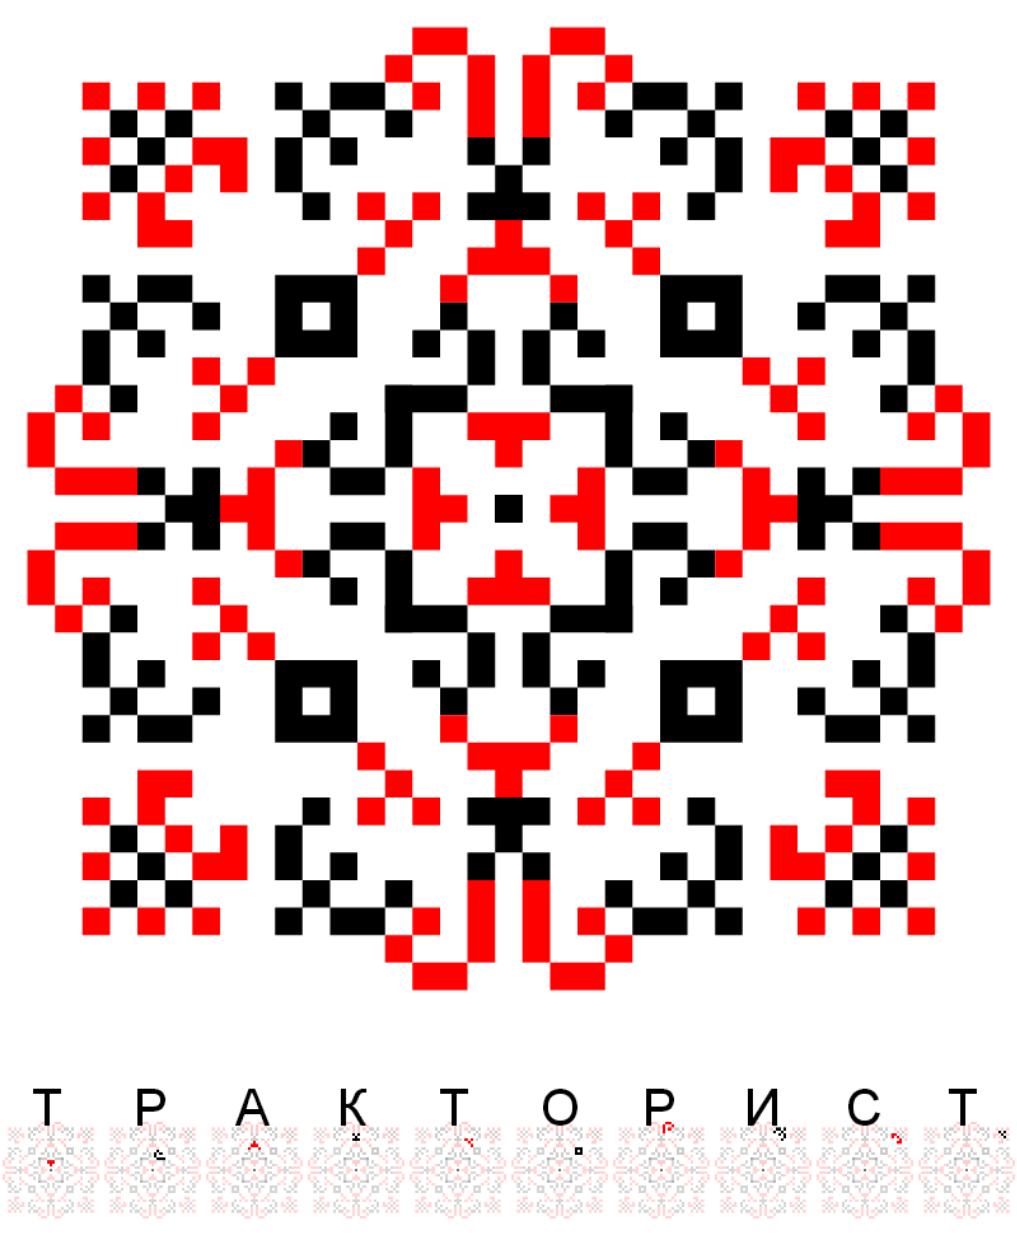 Текстовий слов'янський орнамент:  Тракторист